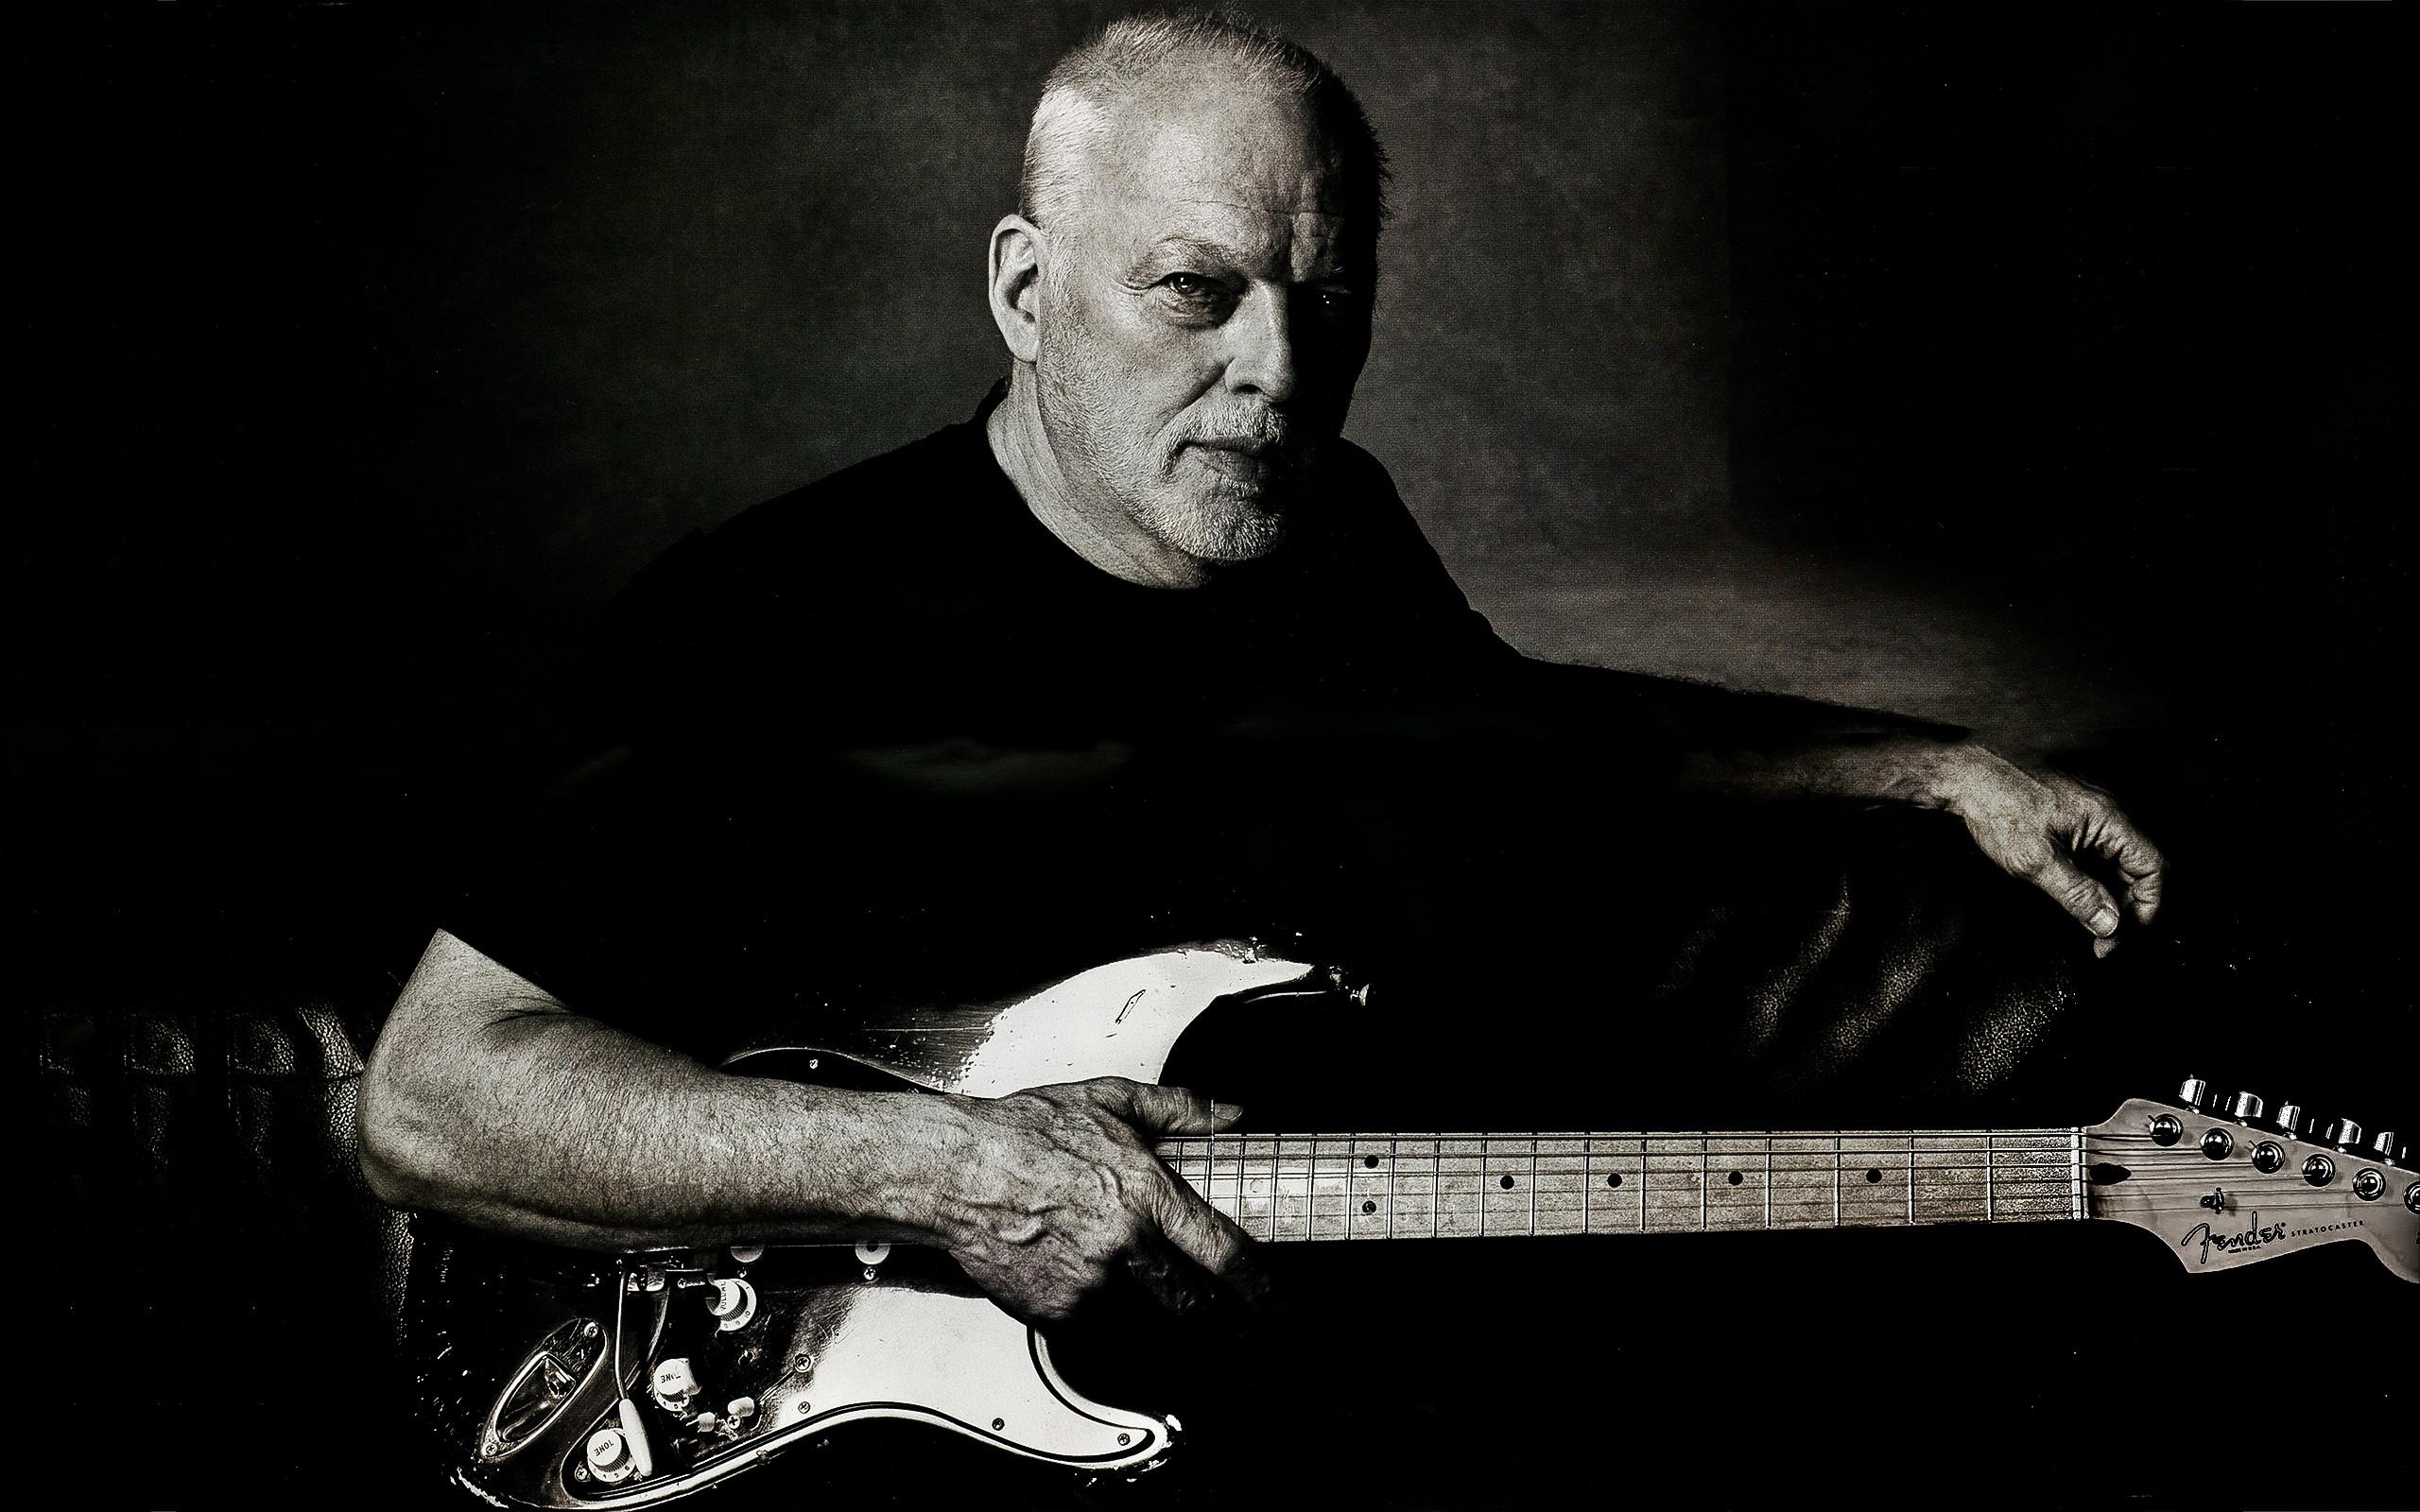 Wallpaper Musical Instrument Music Musician Pink Floyd